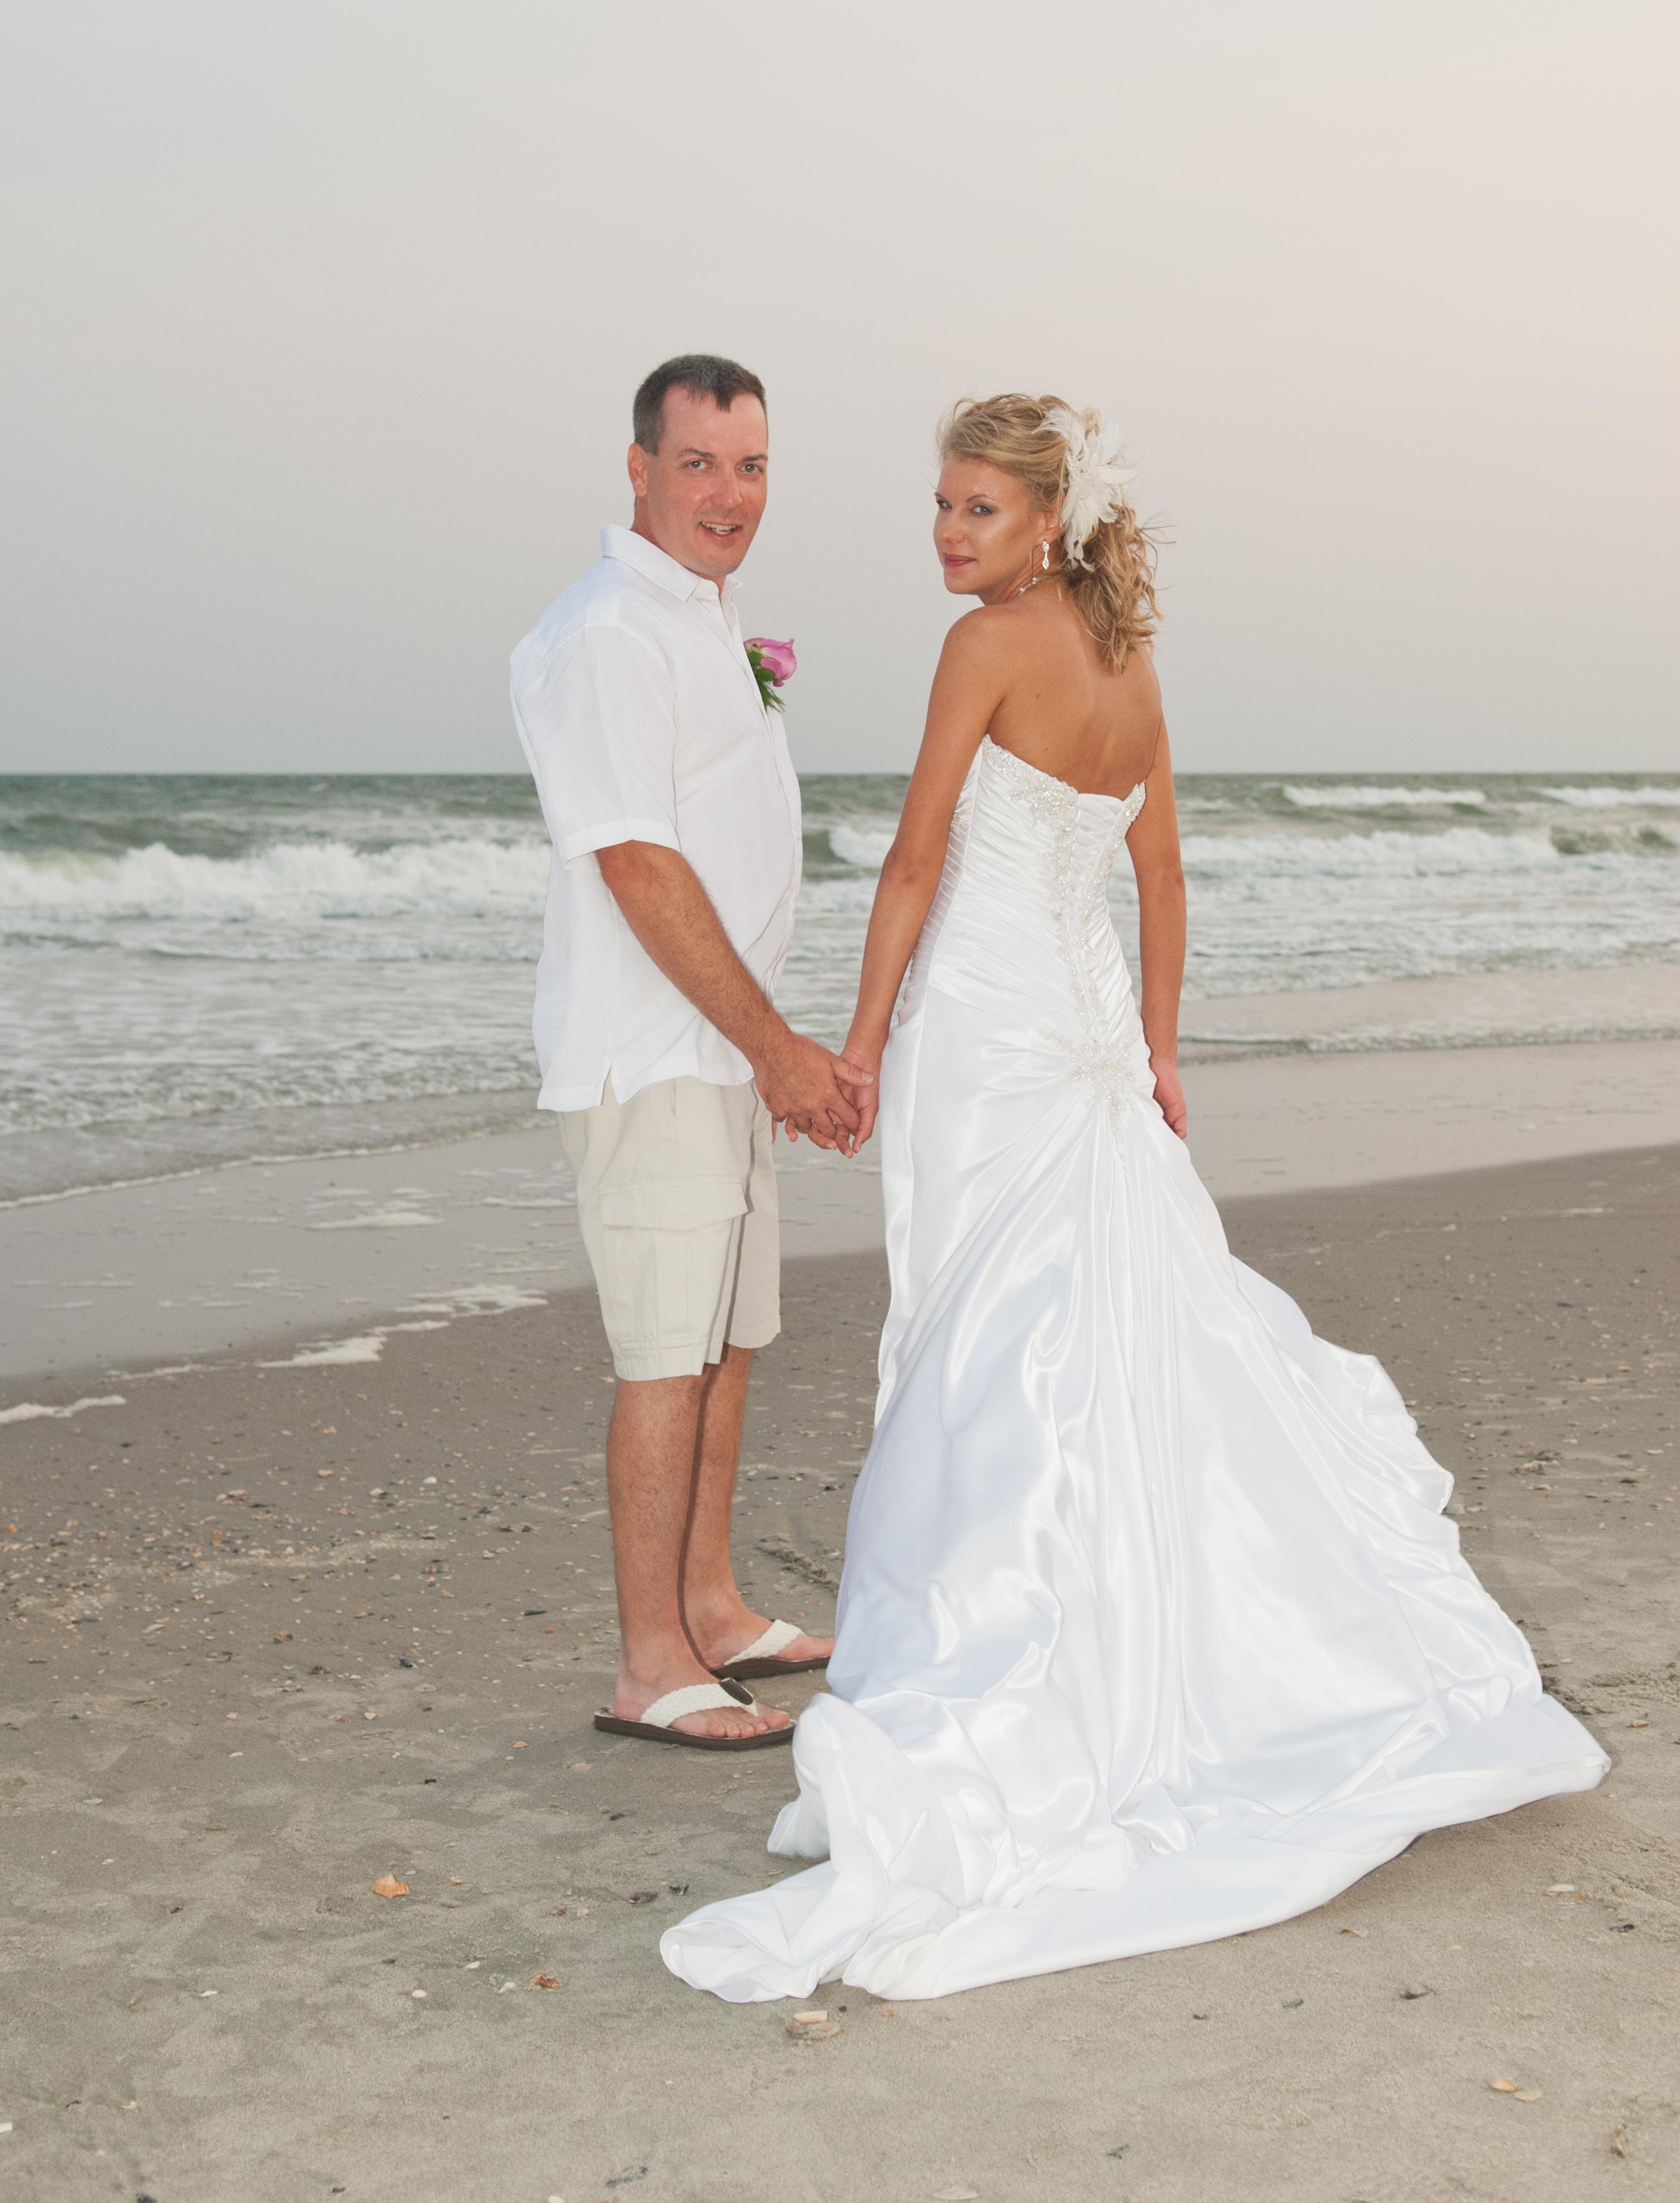 North Myrtle Beach Wedding Photographer